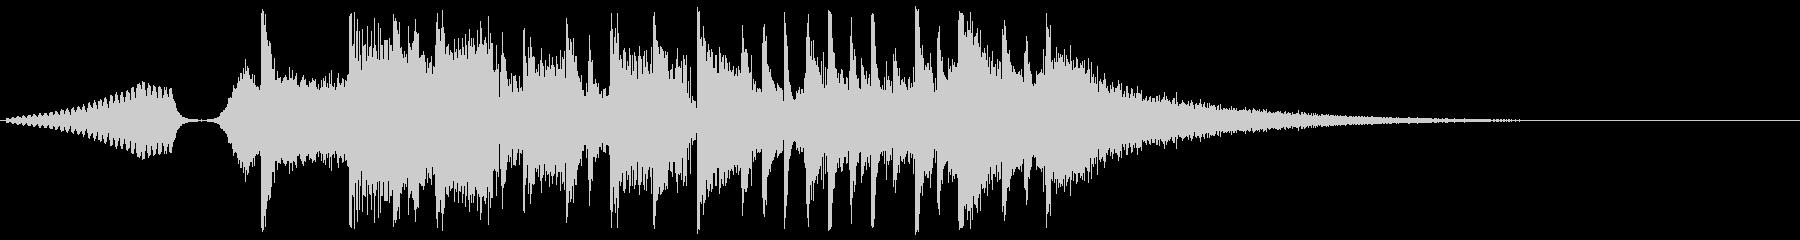 アグレッシブでハードなEDM系ジングル2の未再生の波形